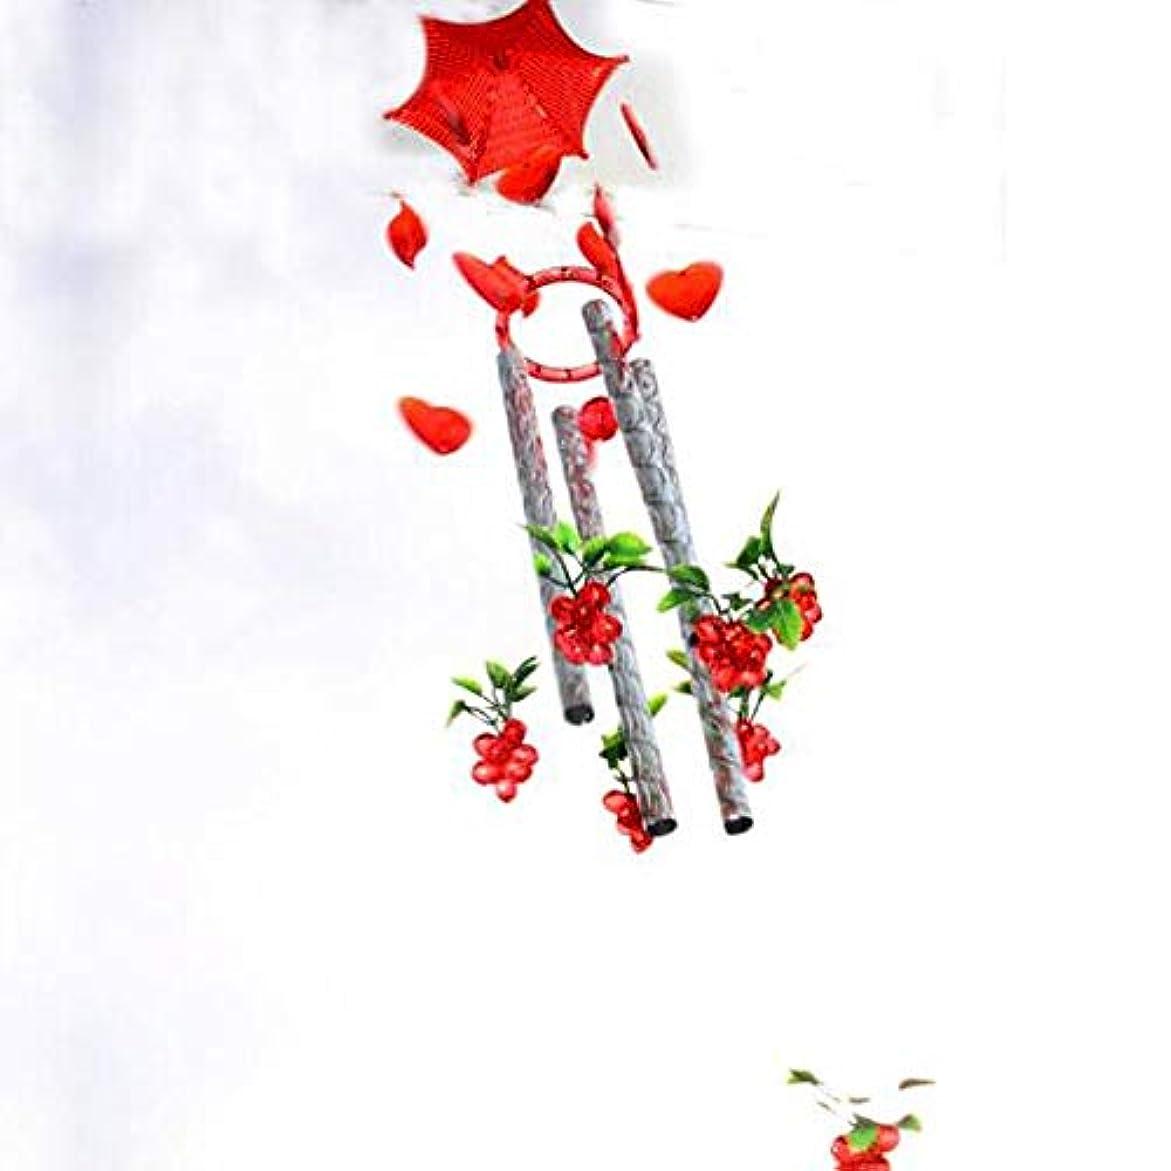 登録する死傷者クリープQiyuezhuangshi 風チャイム、プラスチック金属の庭ブドウ風の鐘、ブルー、全身について80CM,美しいホリデーギフト (Color : Red)